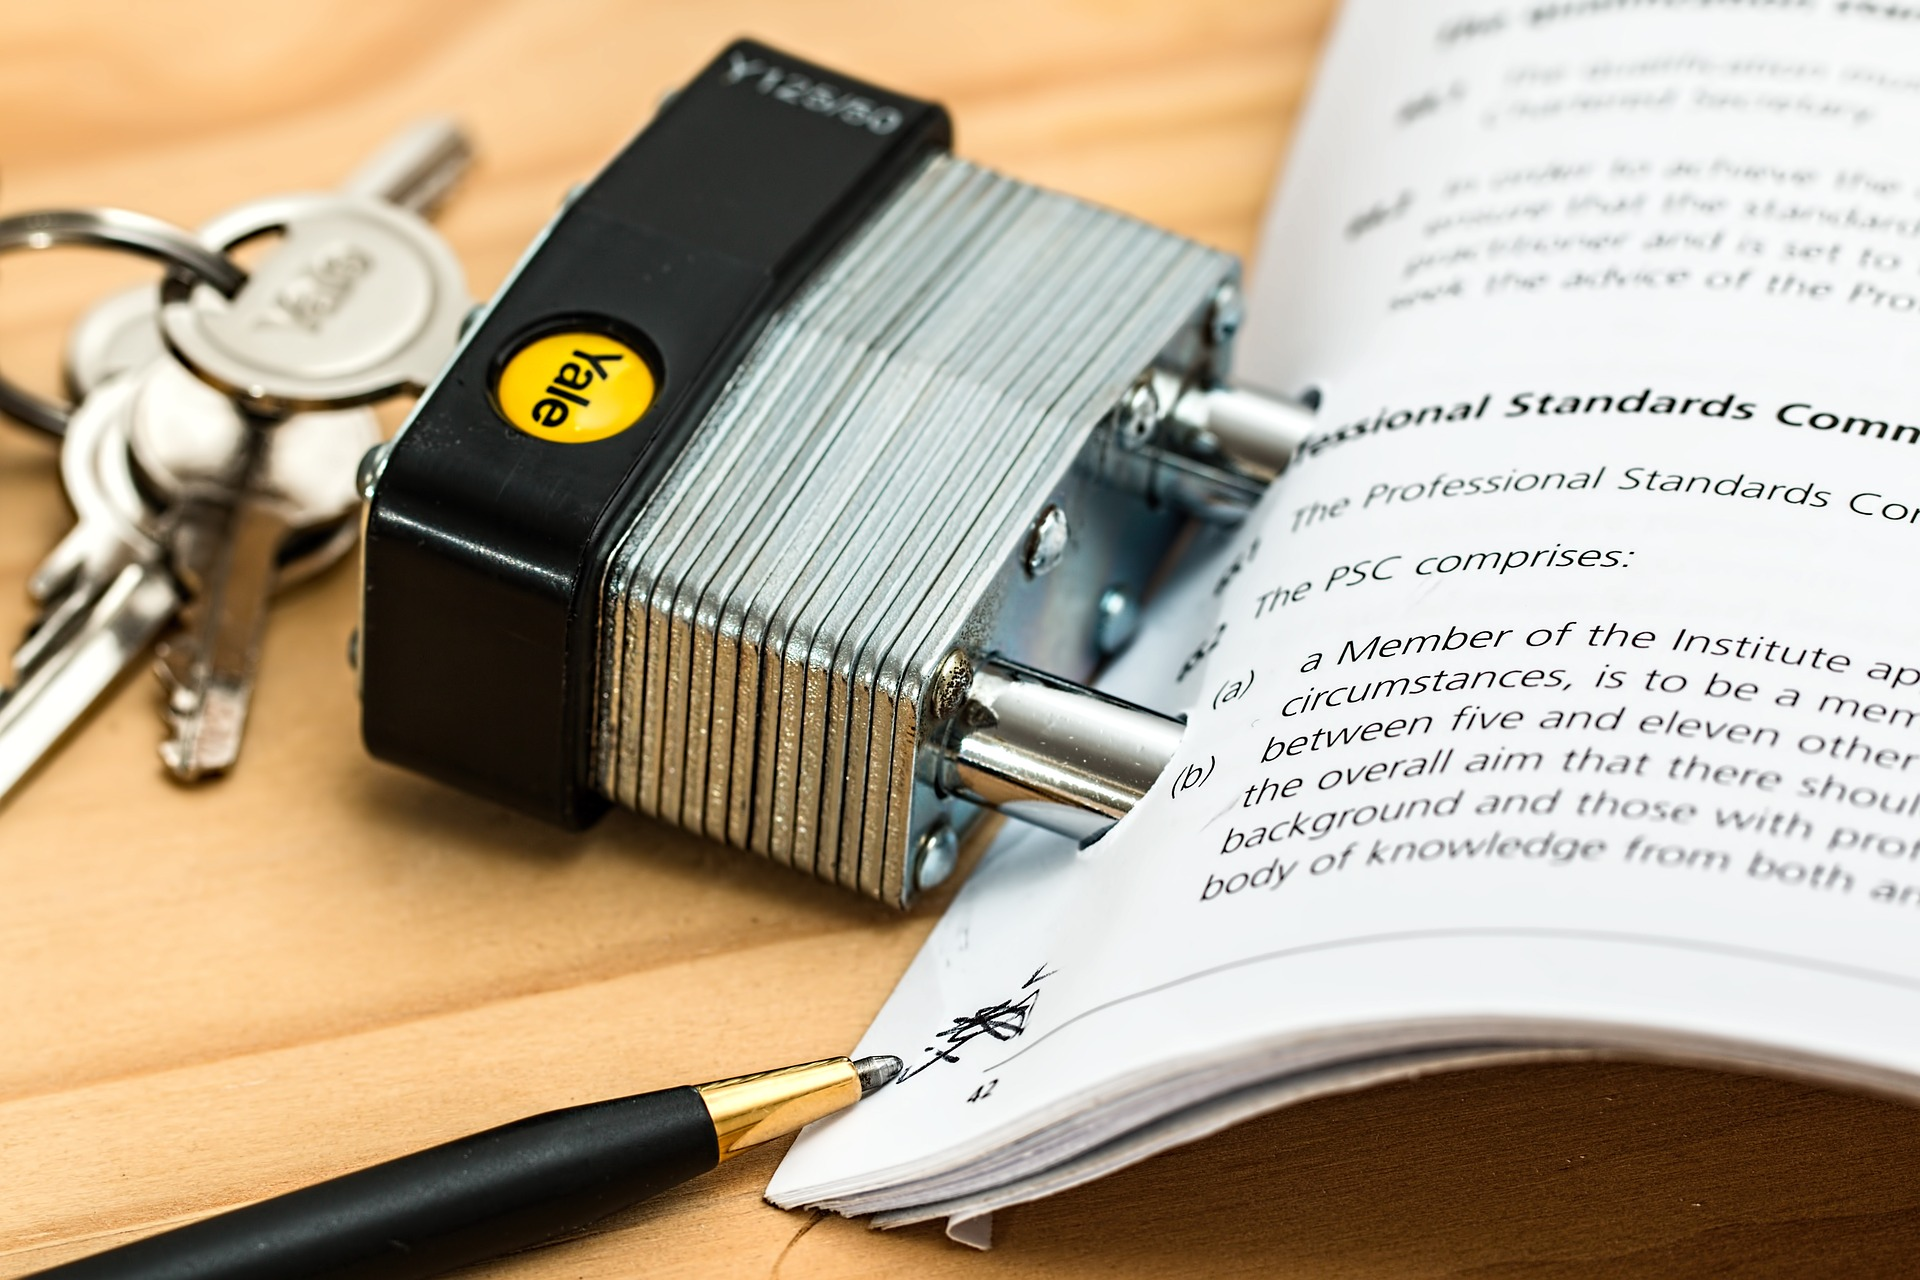 הסכם שותפות, הסכם מייסדים ומה שביניהם